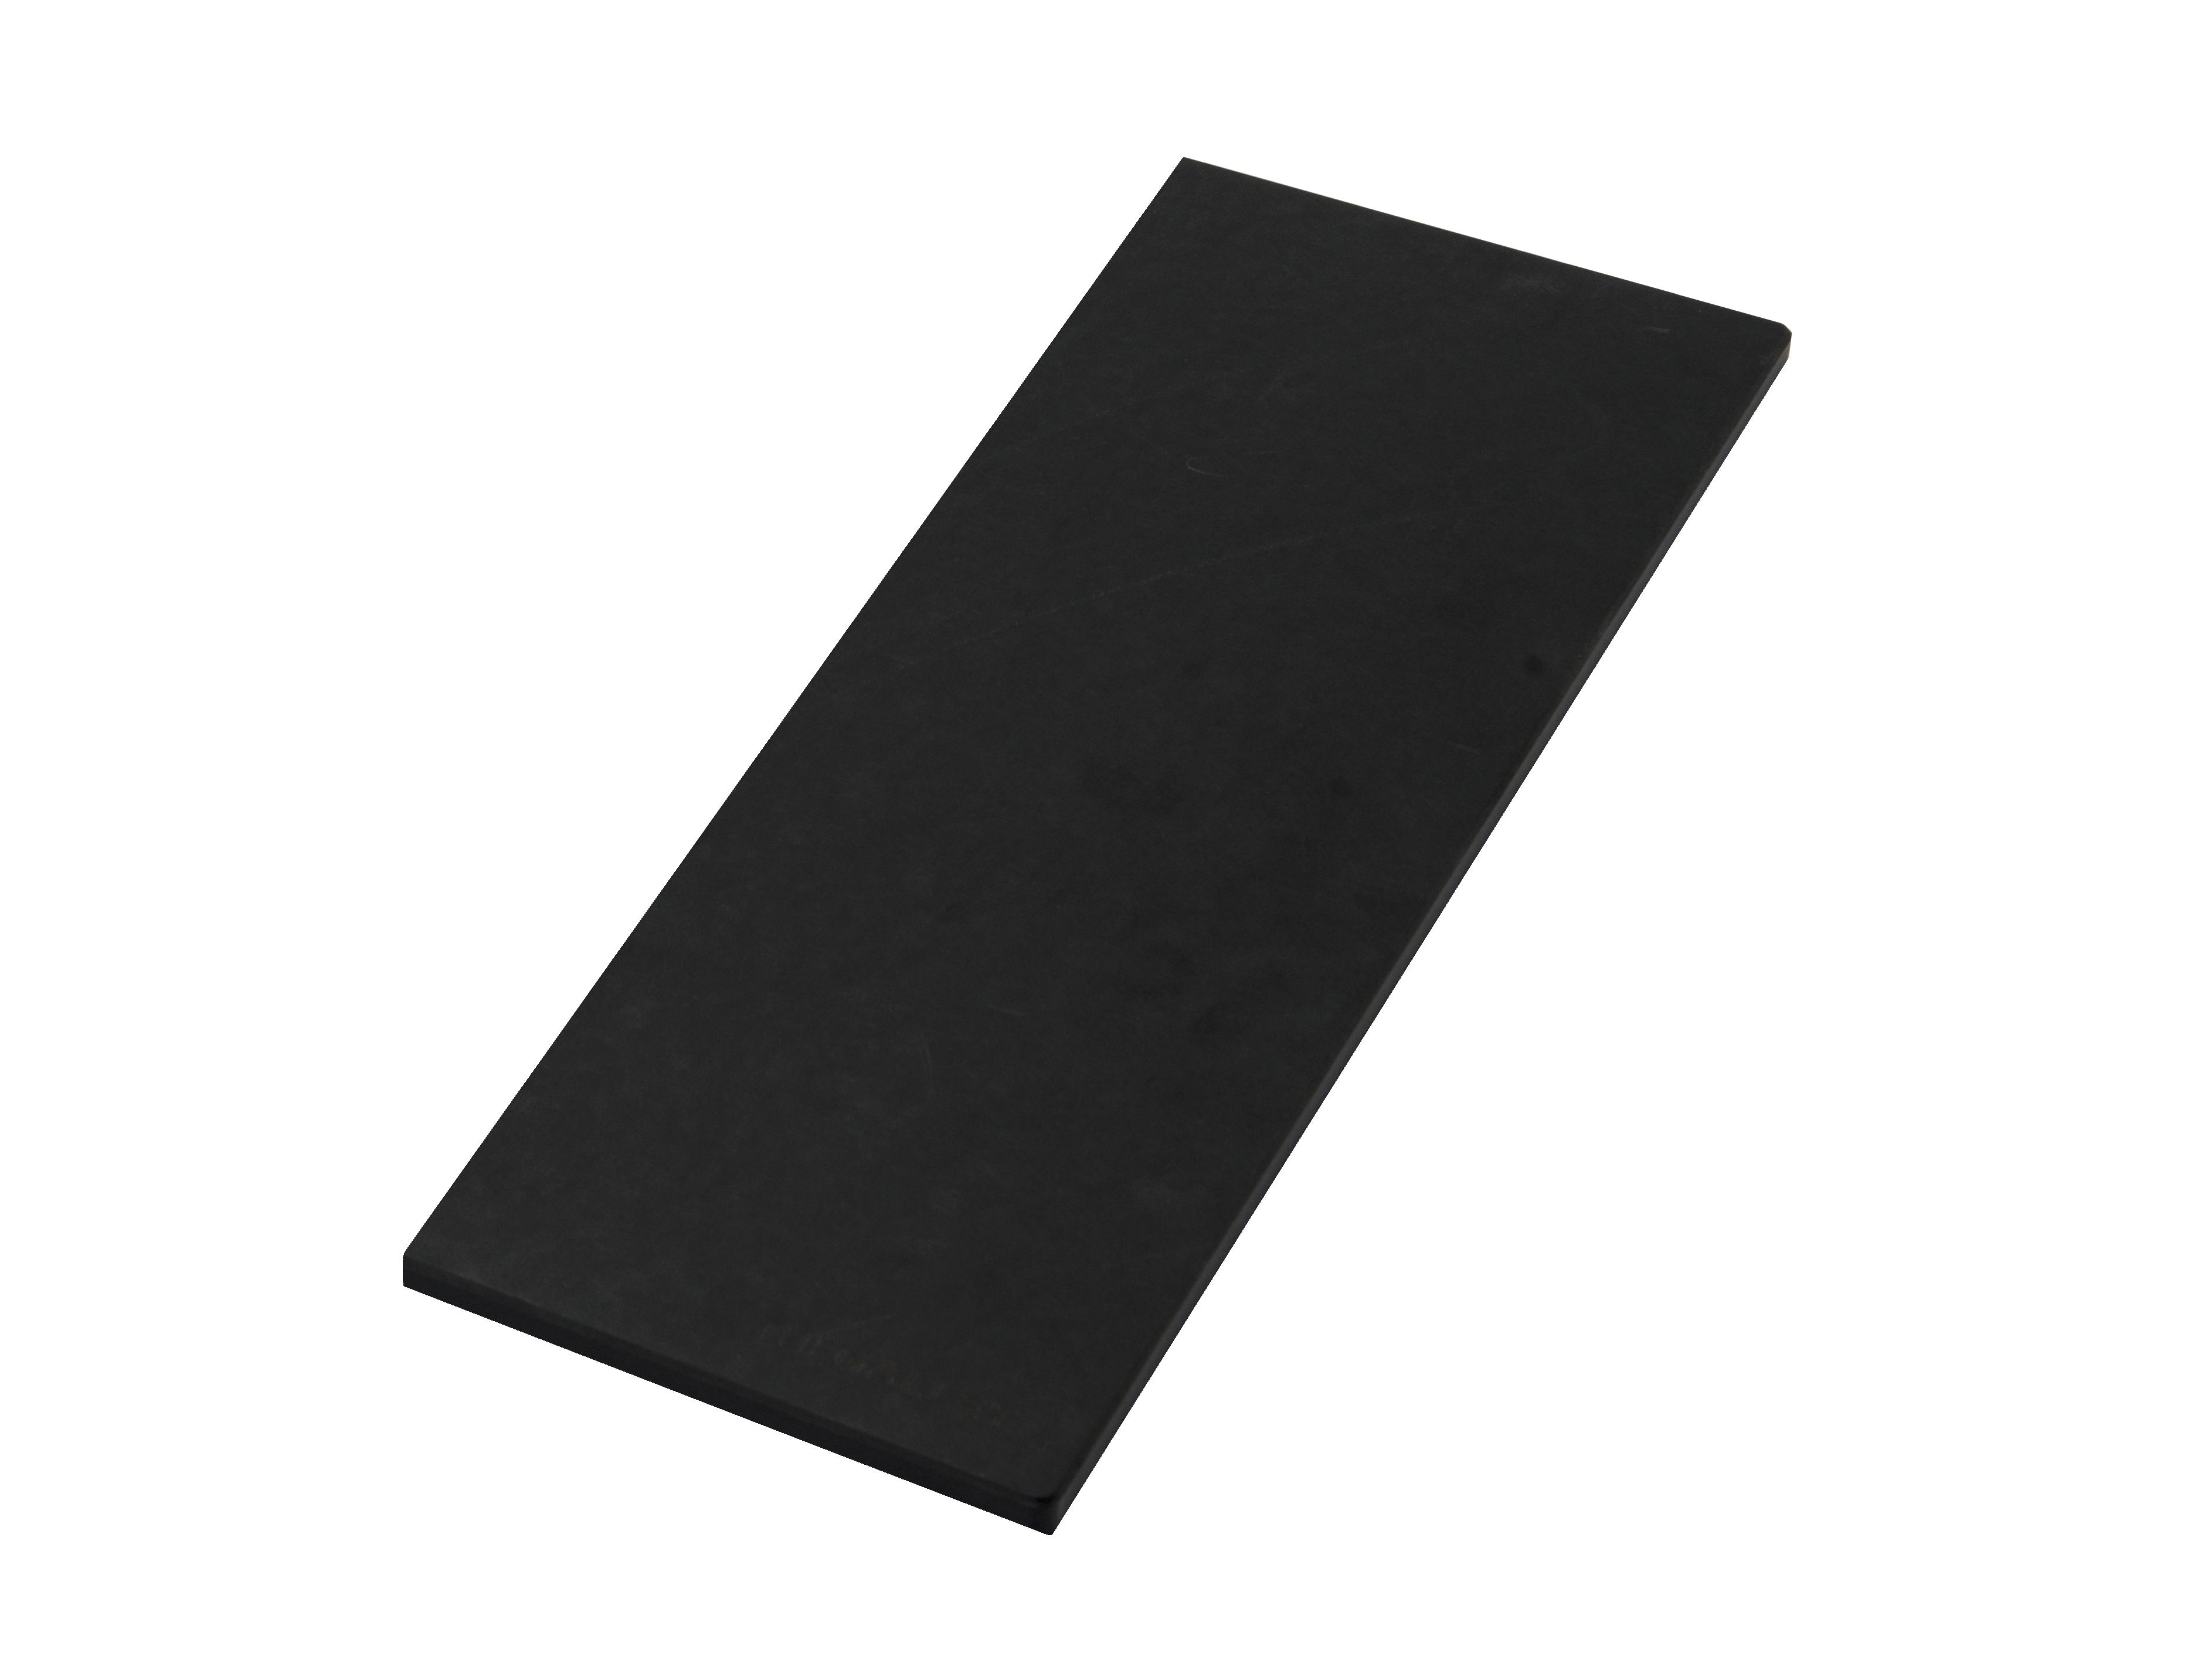 6 Upper Deck Section GT - UD06IGT